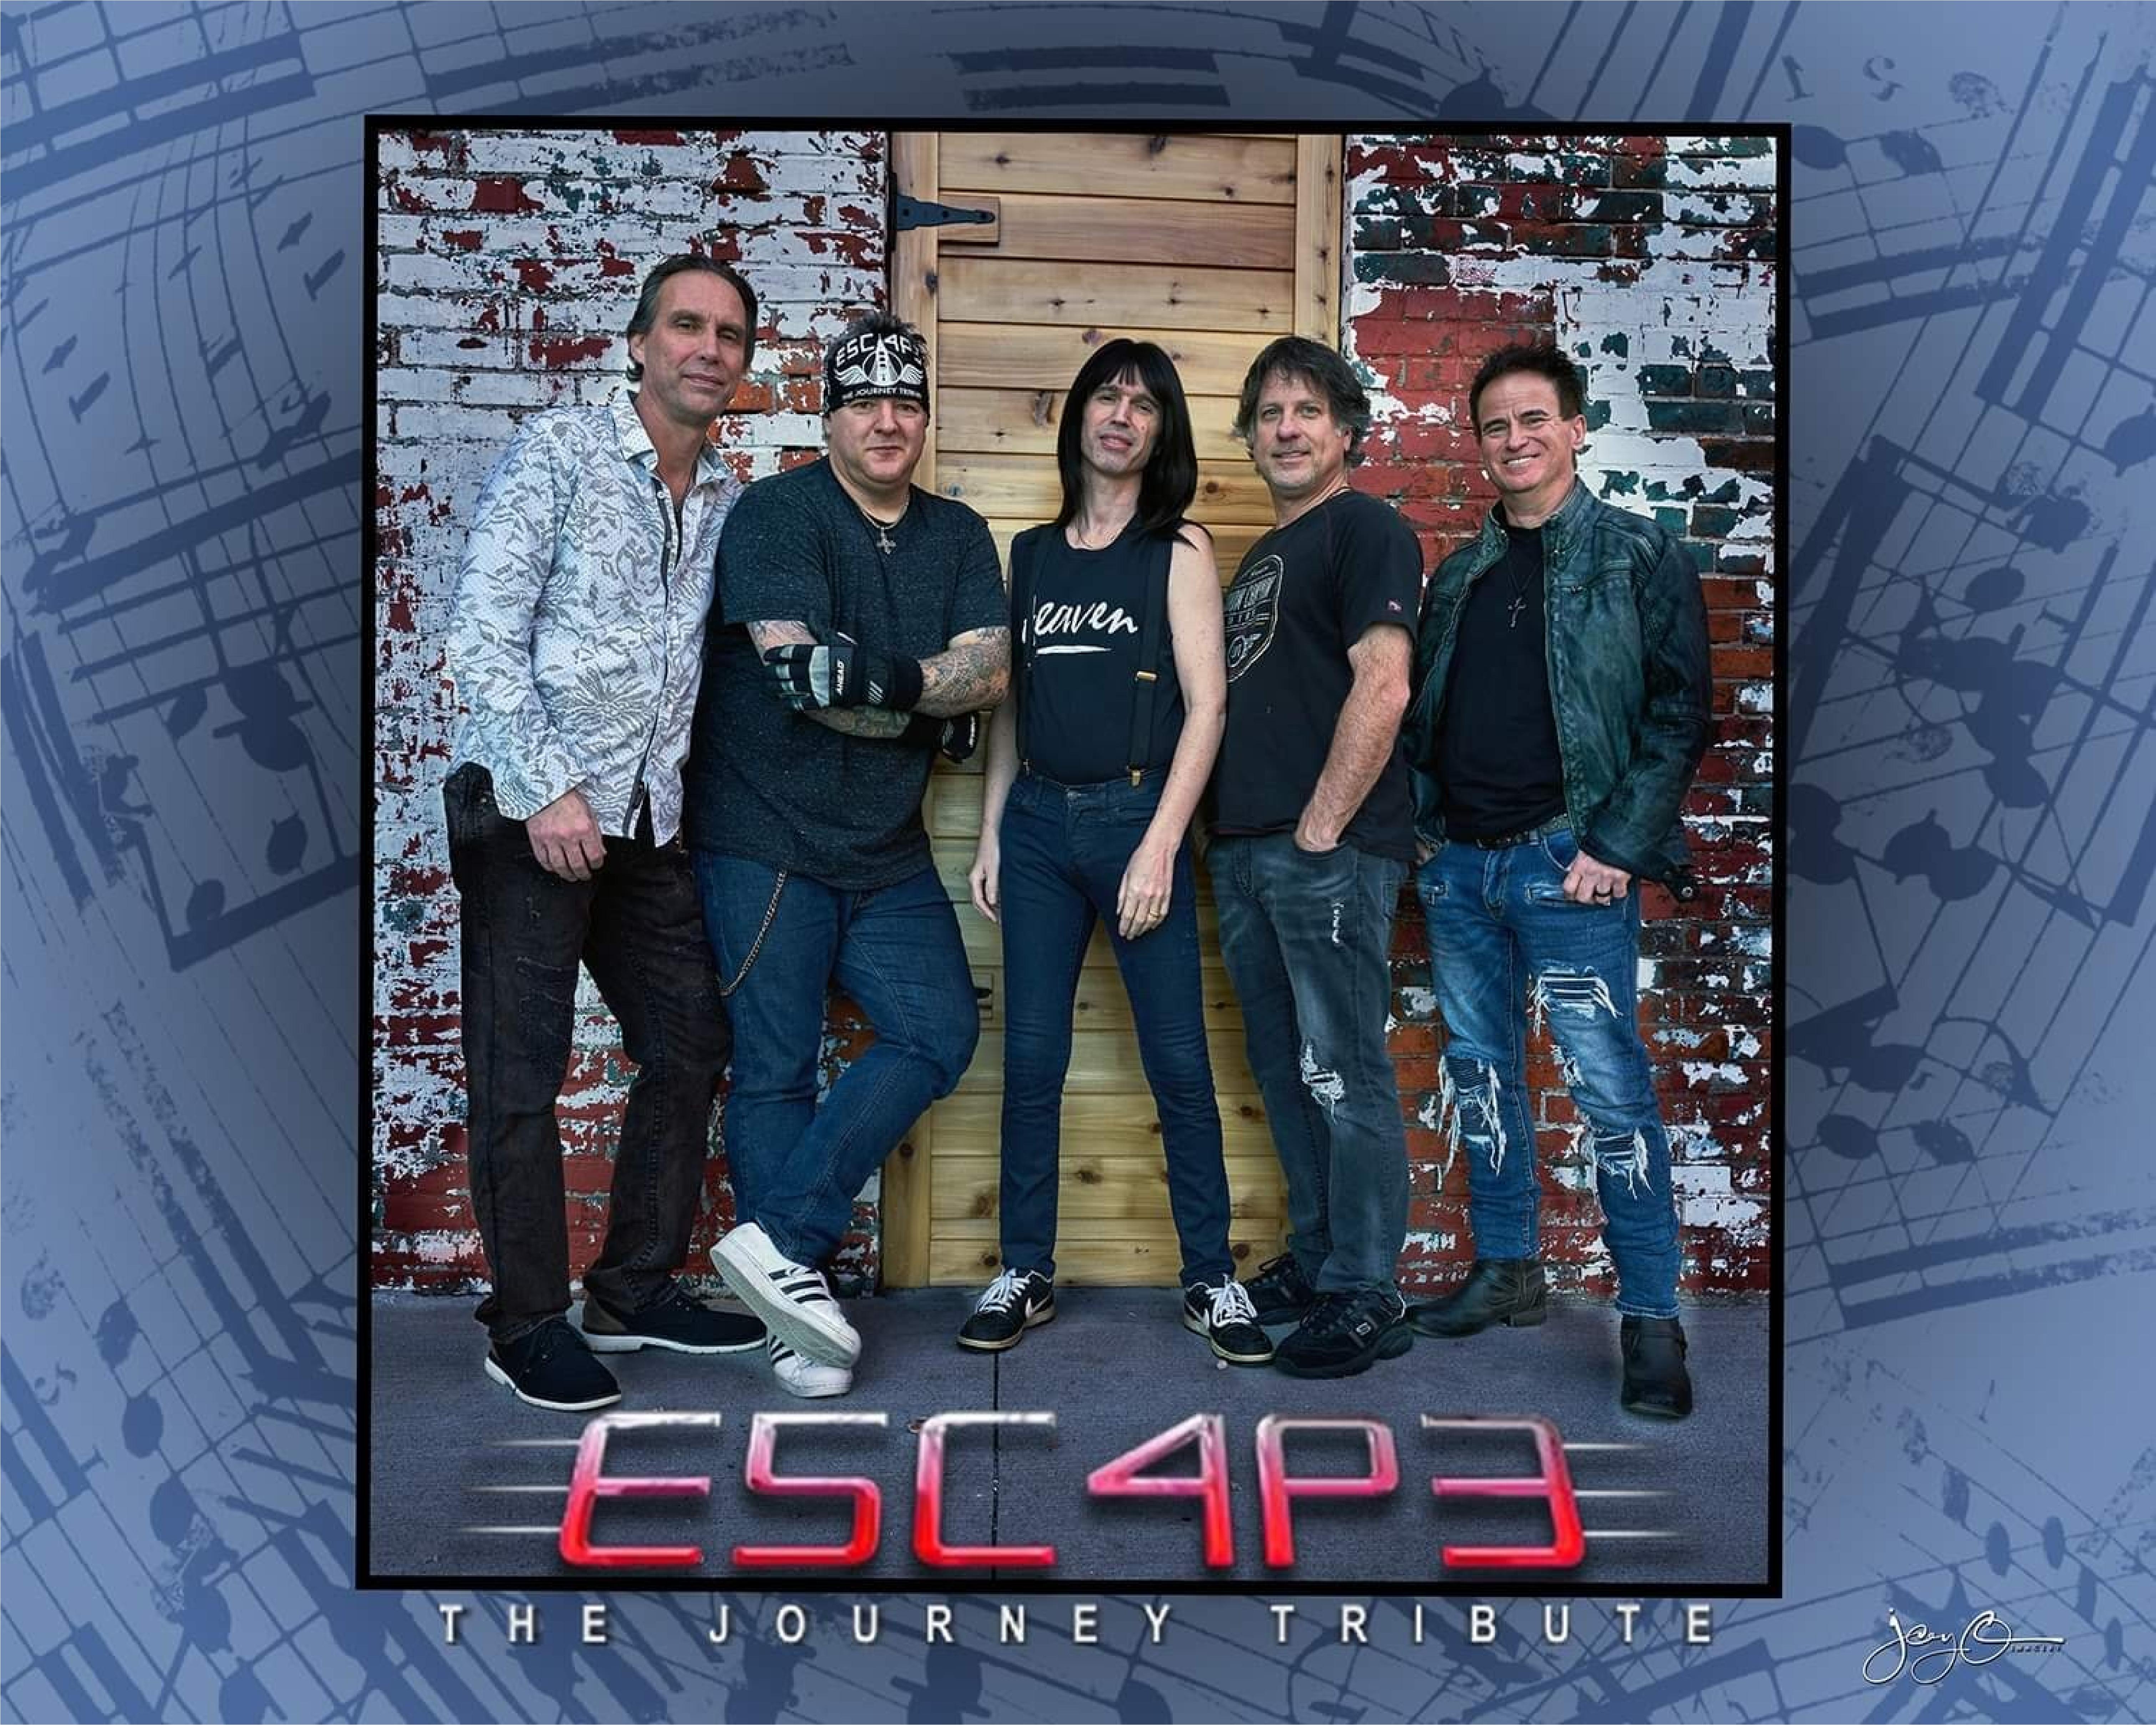 ESC4P3 album cover